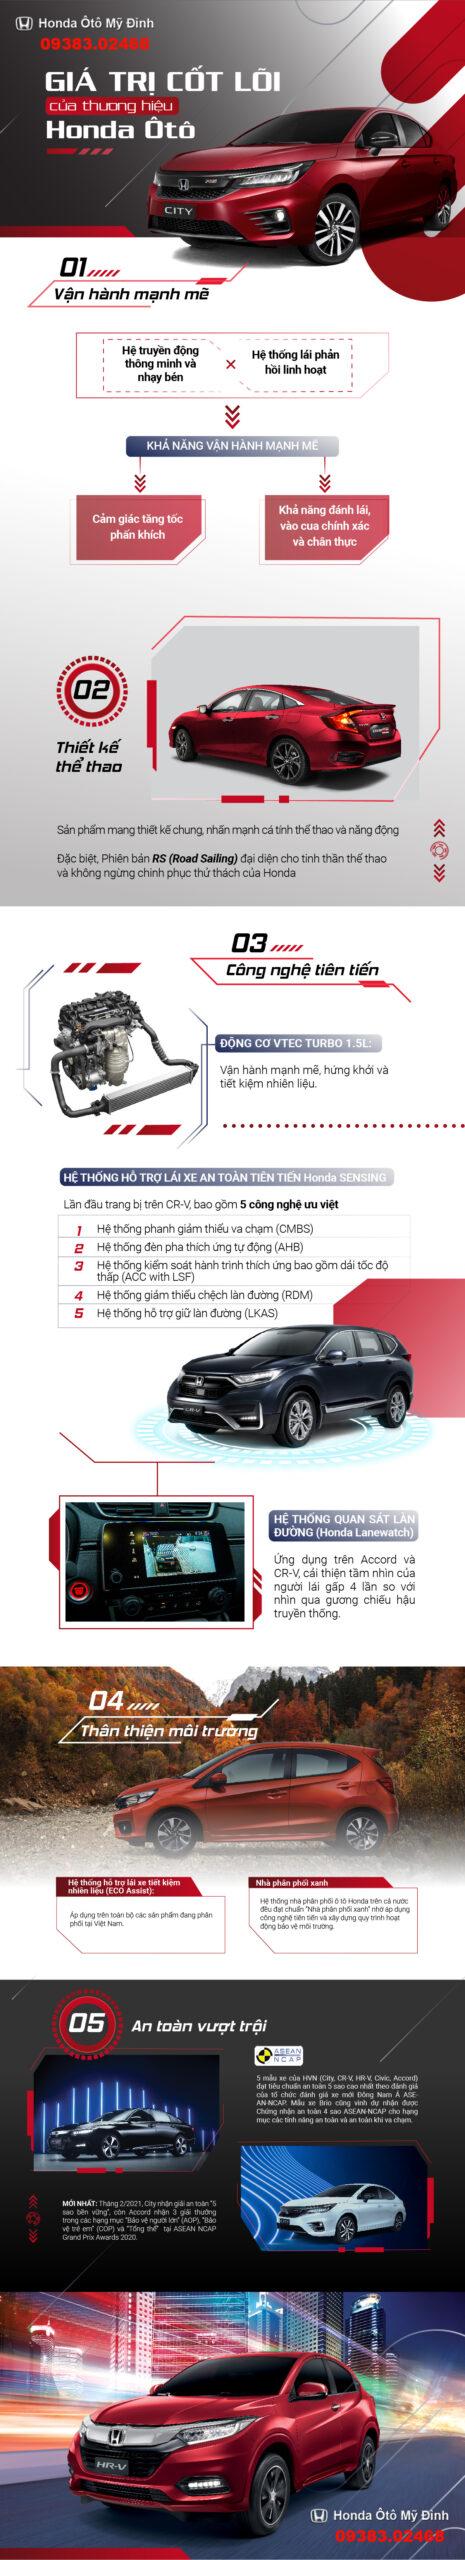 Giá trị cốt lõi của Honda